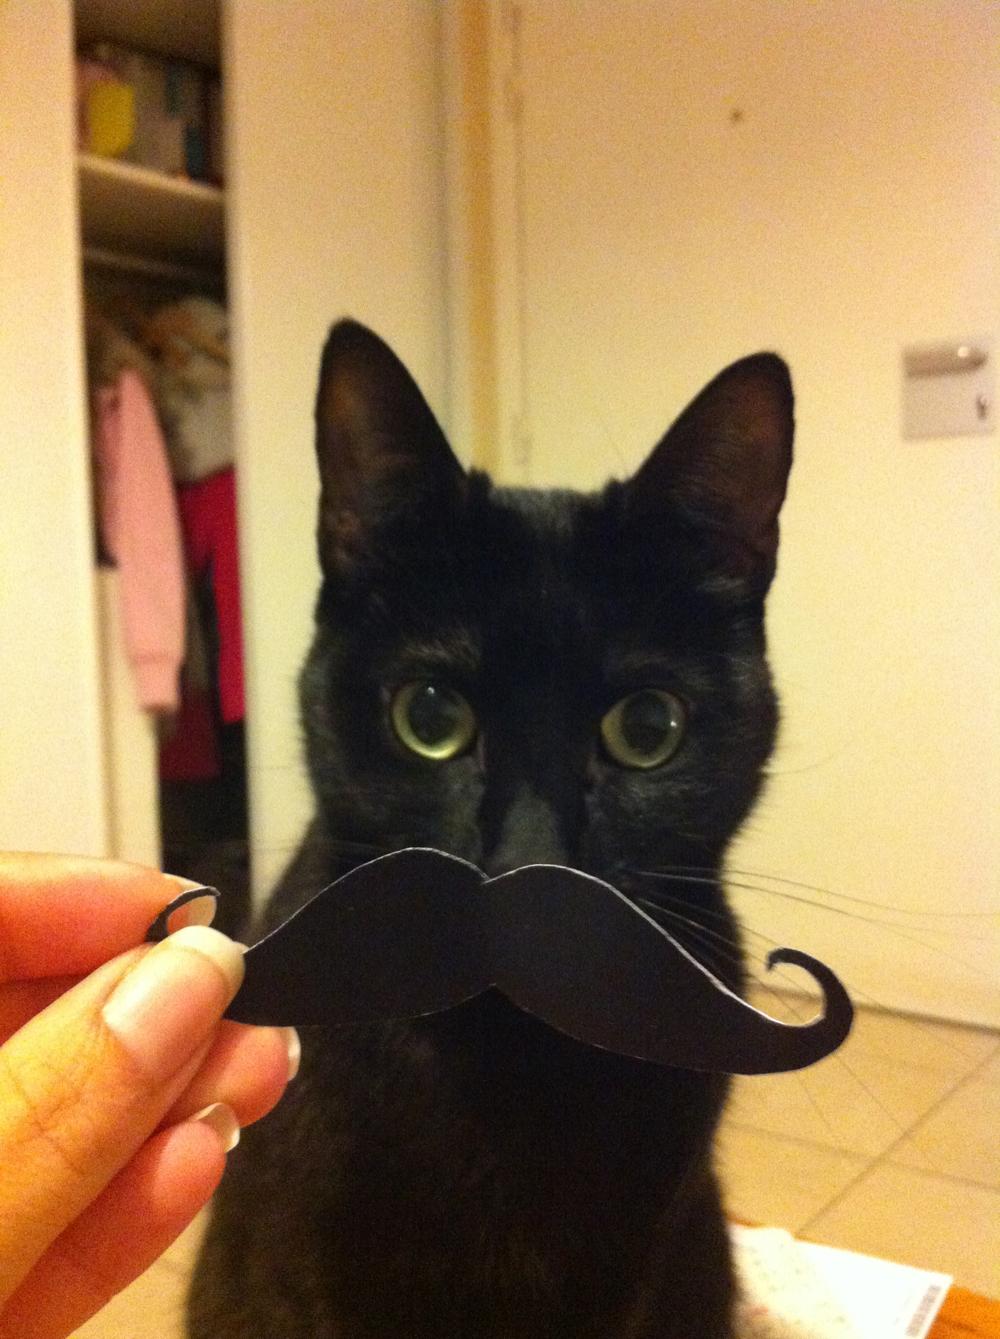 Comment réaliser des ateliers DIY quand tu as des chats envahissants